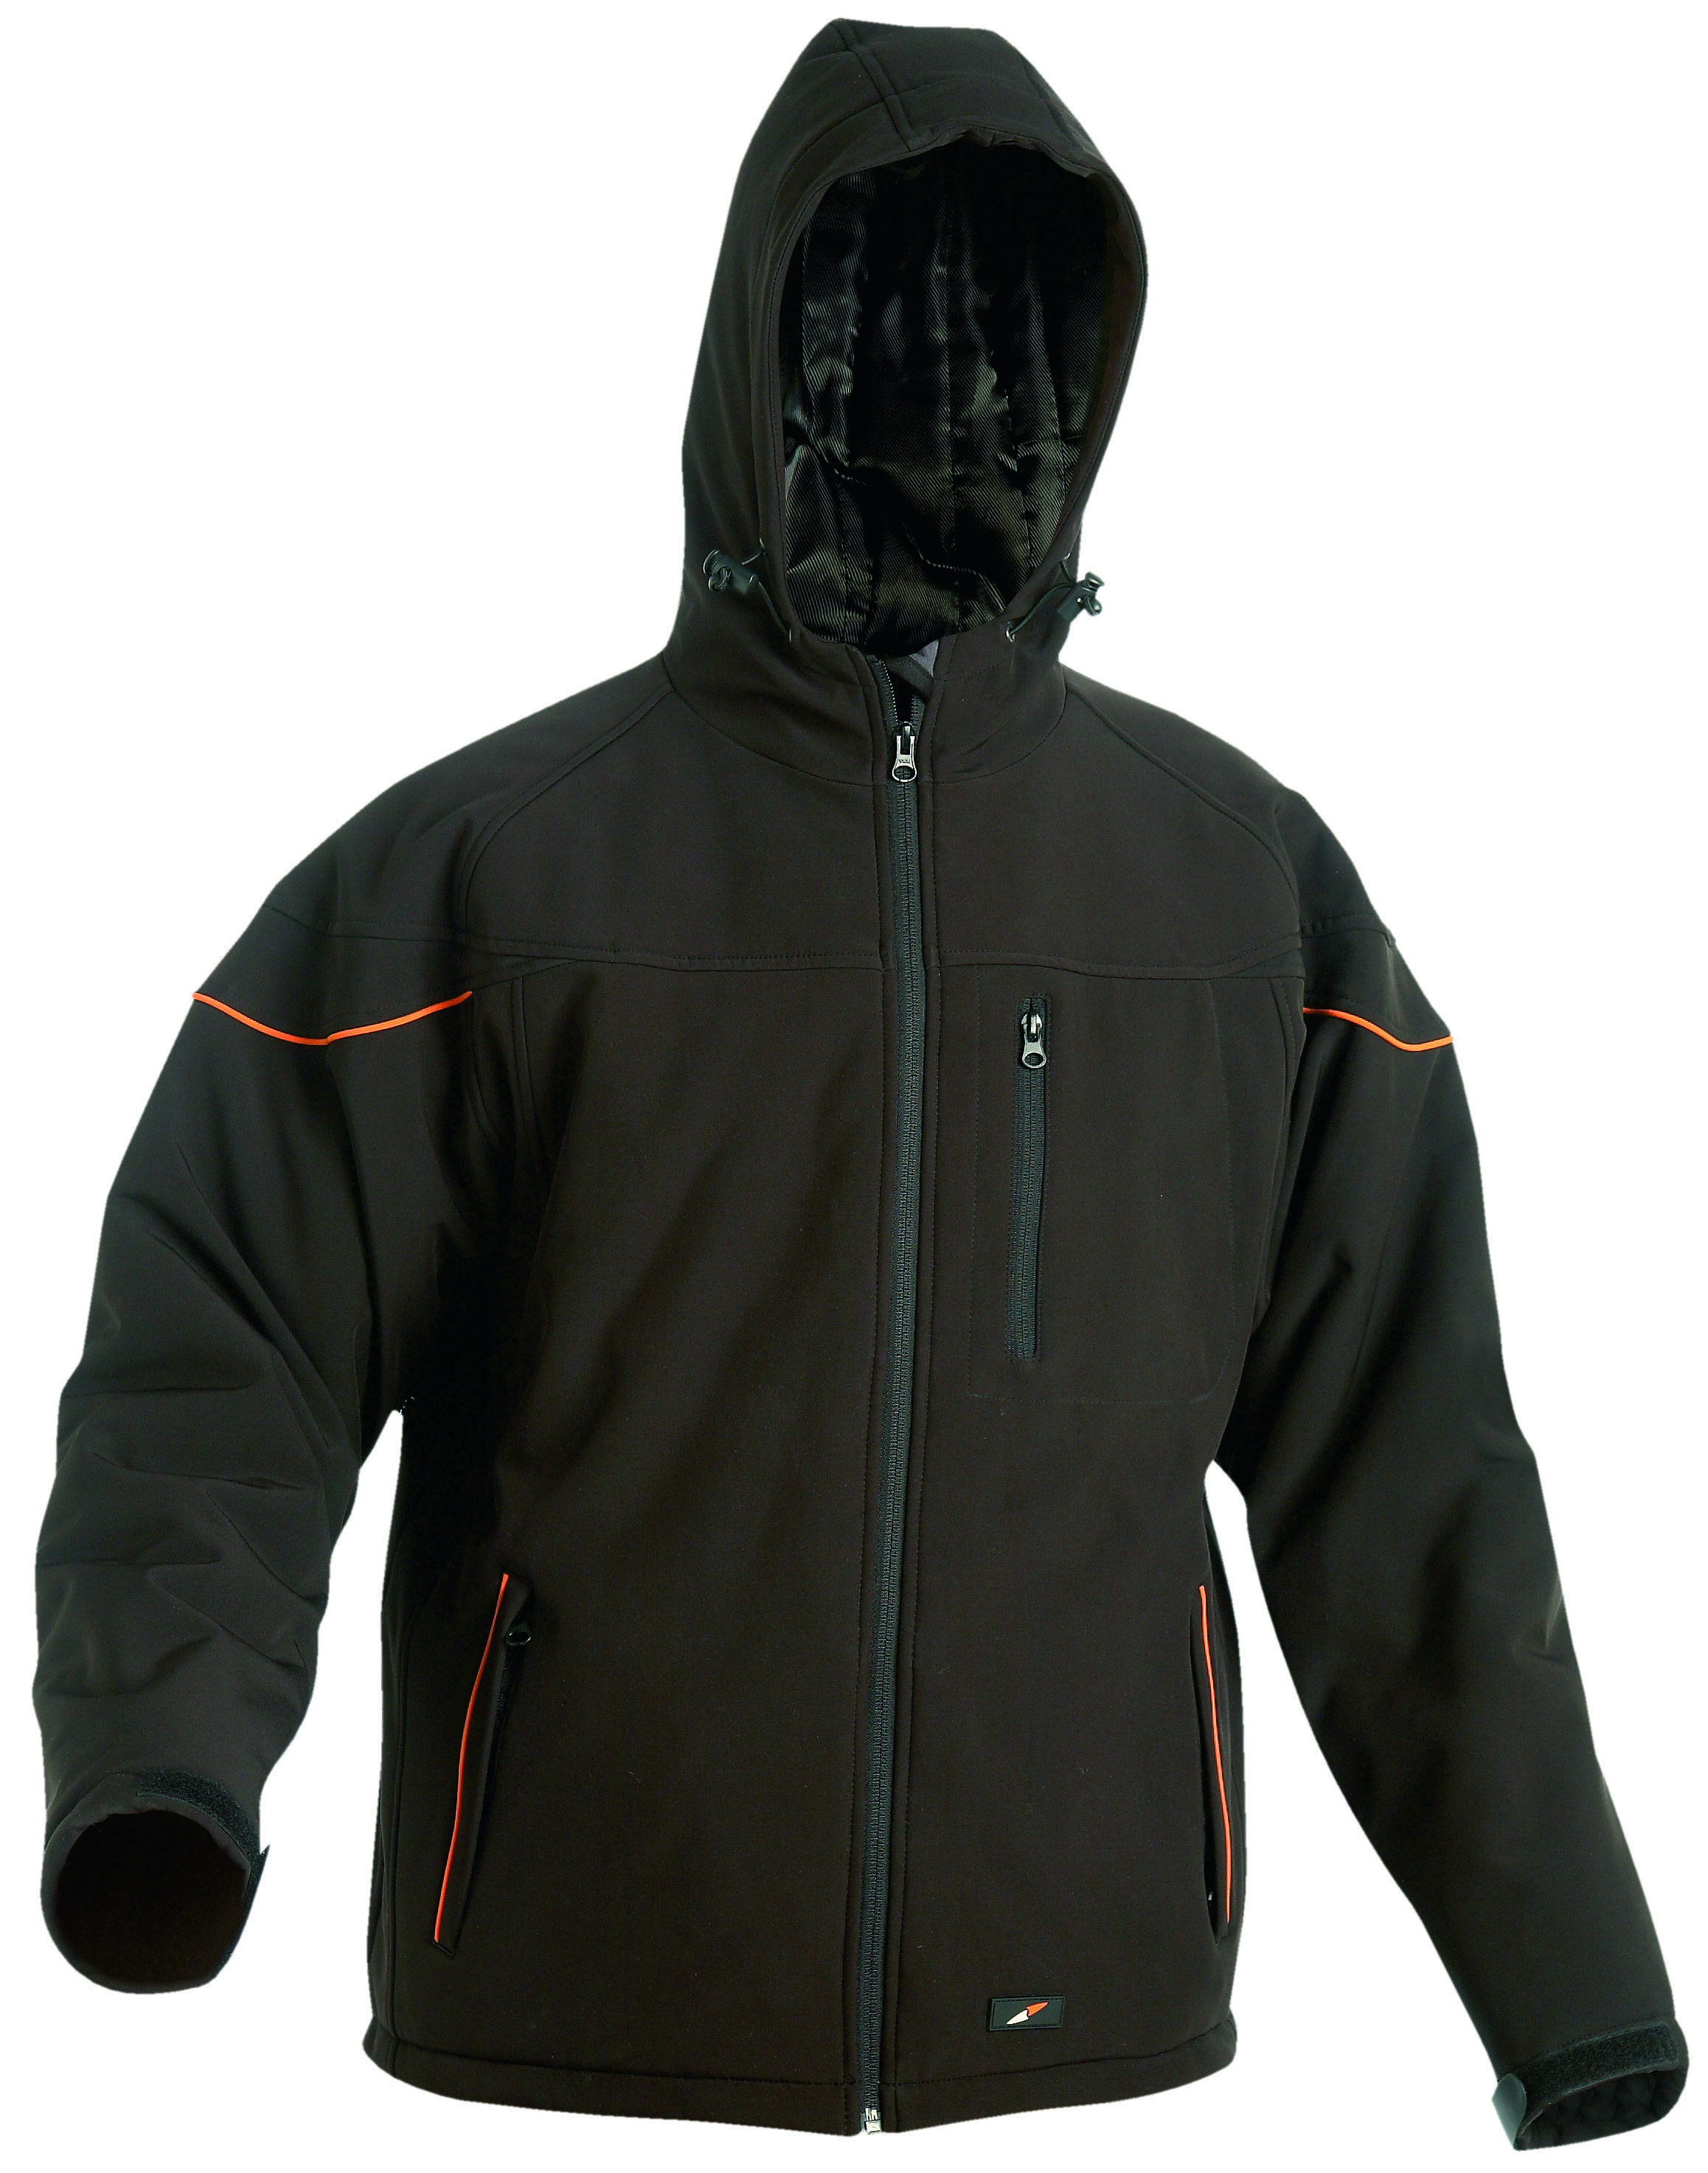 EMERTON bunda softshell zimní prac. 03010084 60 M